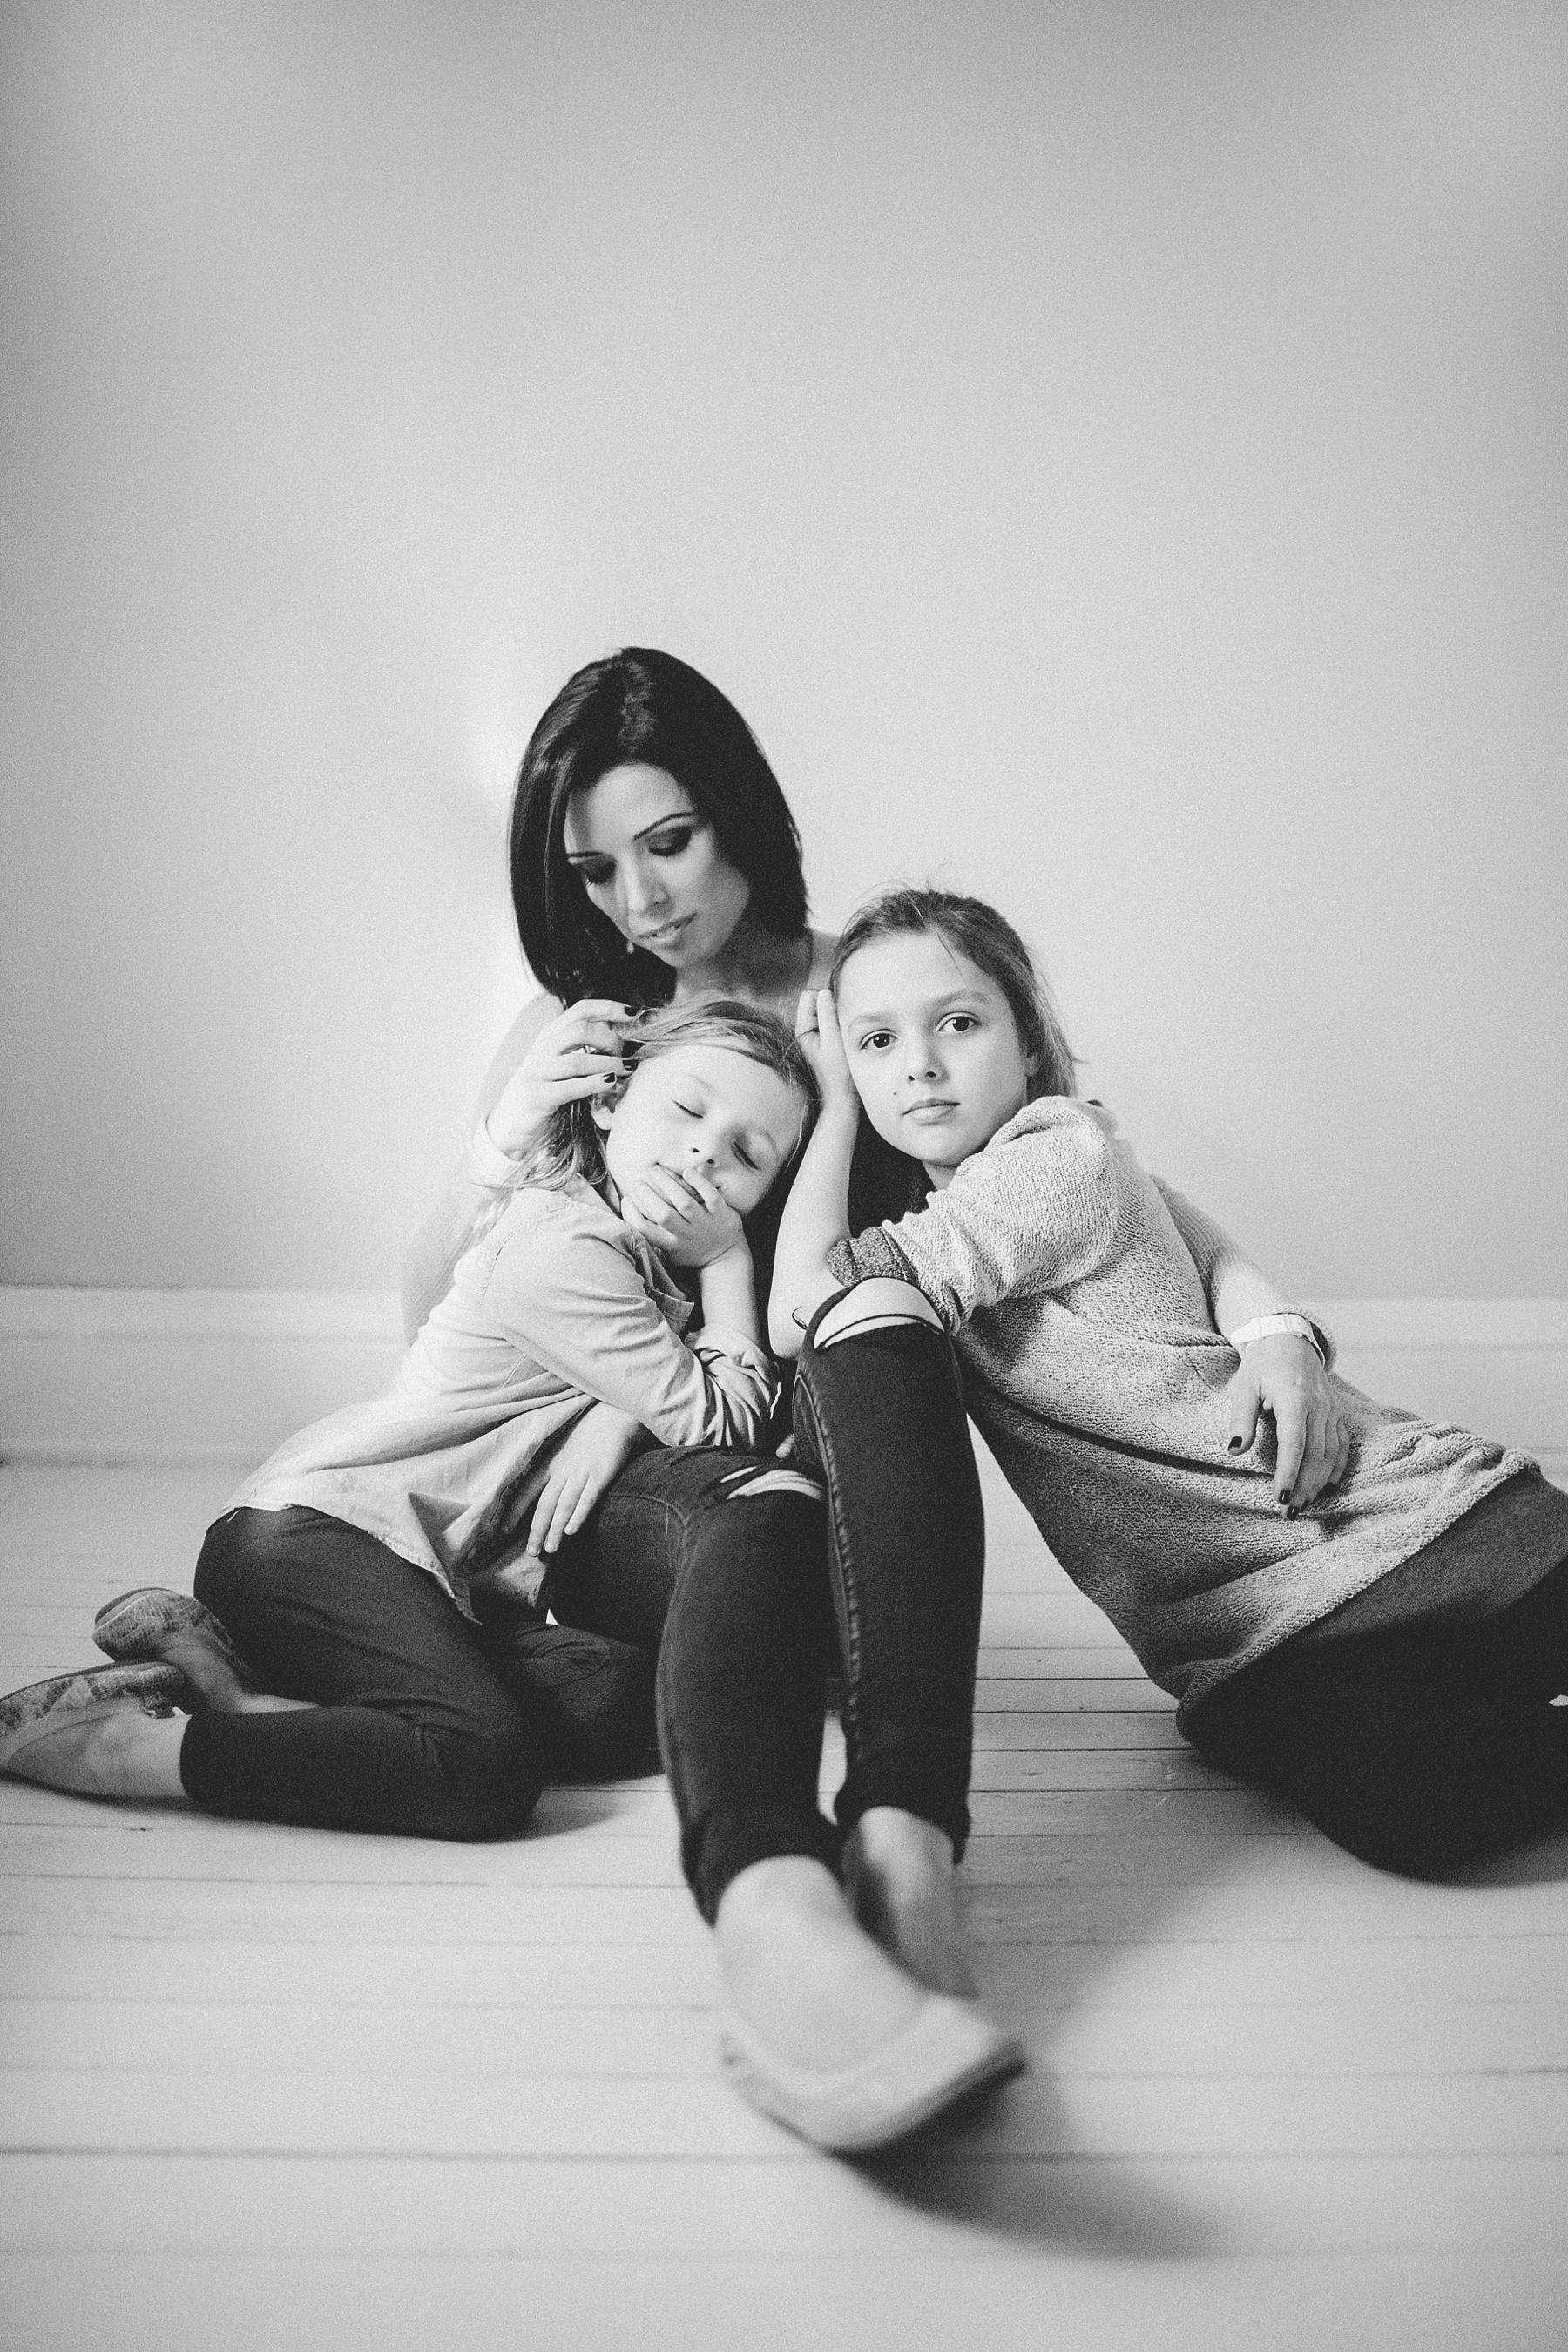 Yana, Ana, and Niki